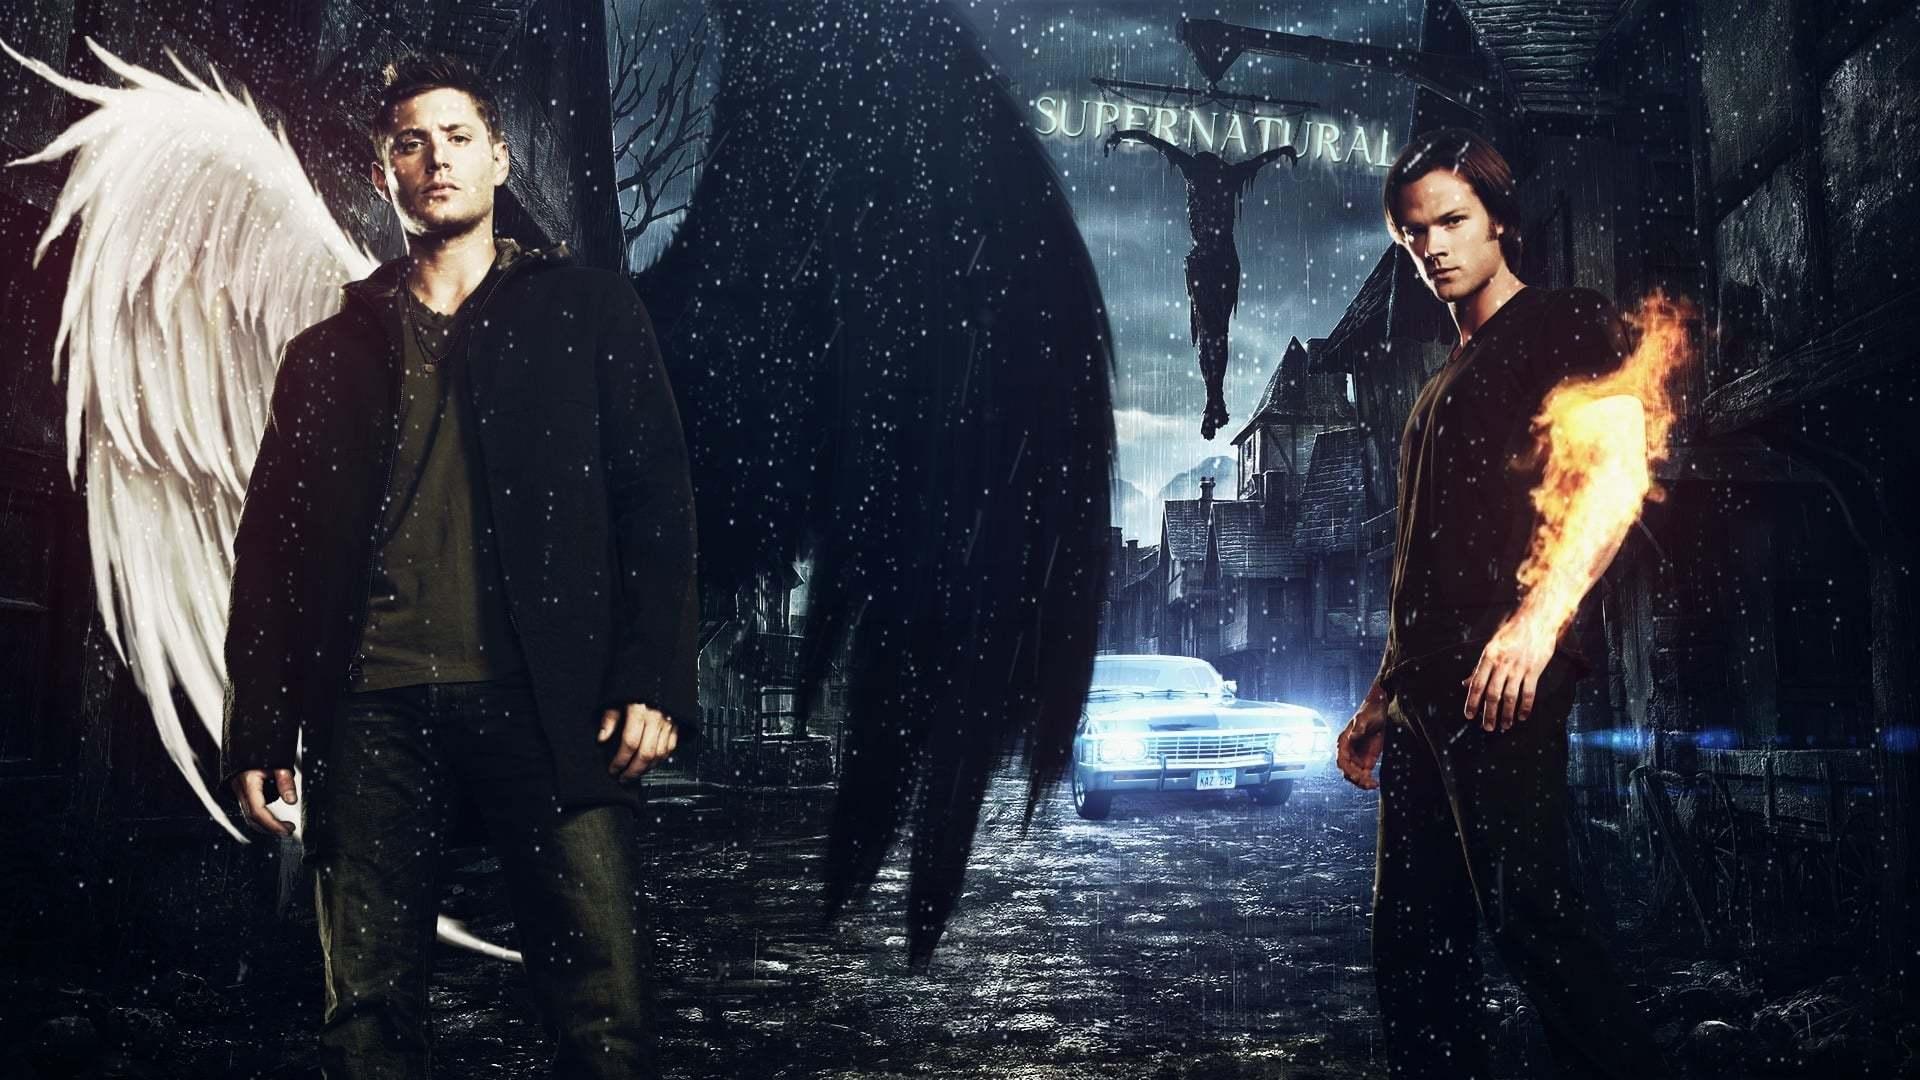 Кадры из фильма Сверхъестественное Supernatural 2005